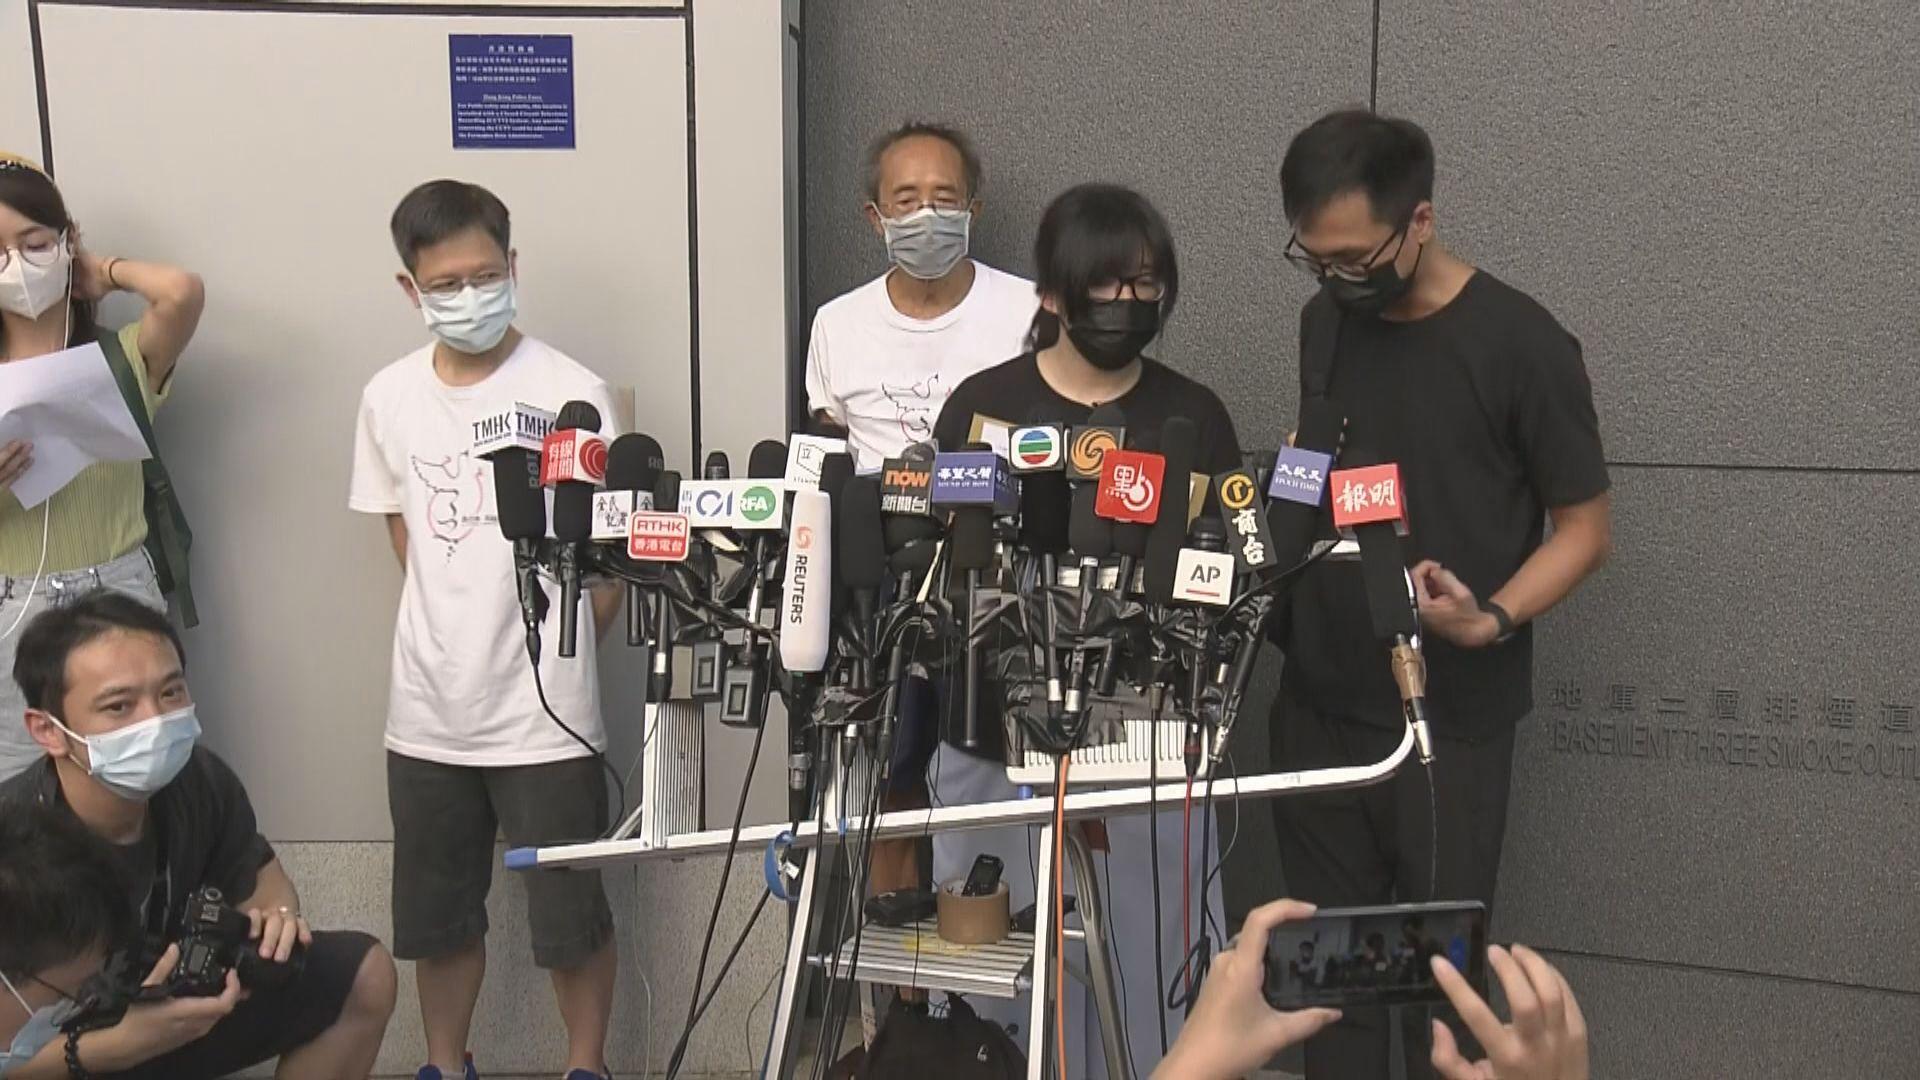 支聯會拒交資料 鄧炳強:不依國安法交資料警將迅速執法